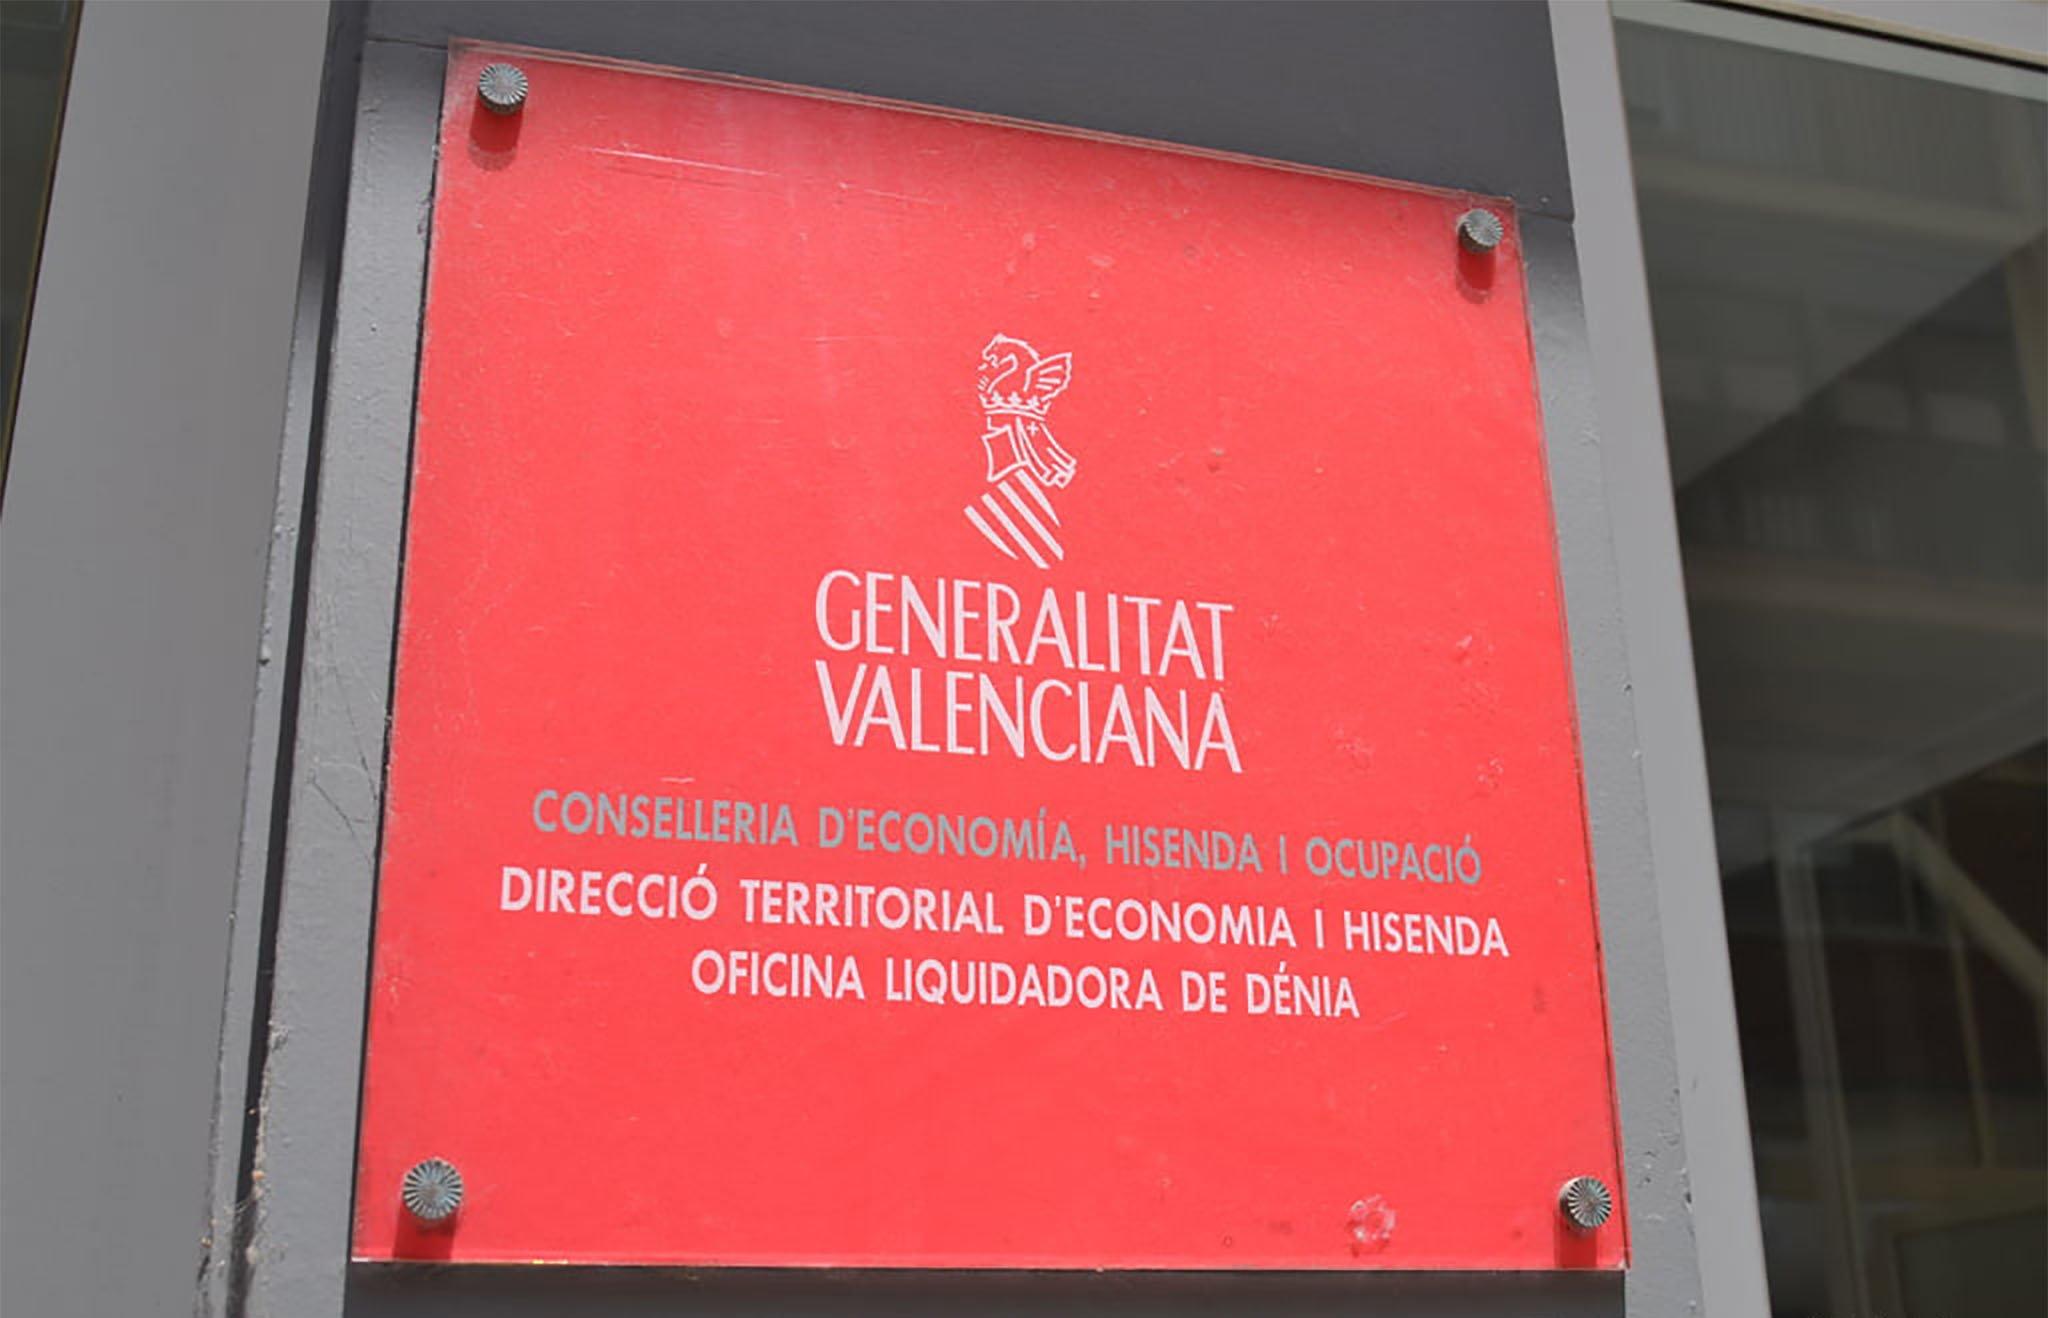 Placa de la Generalitat valenciana